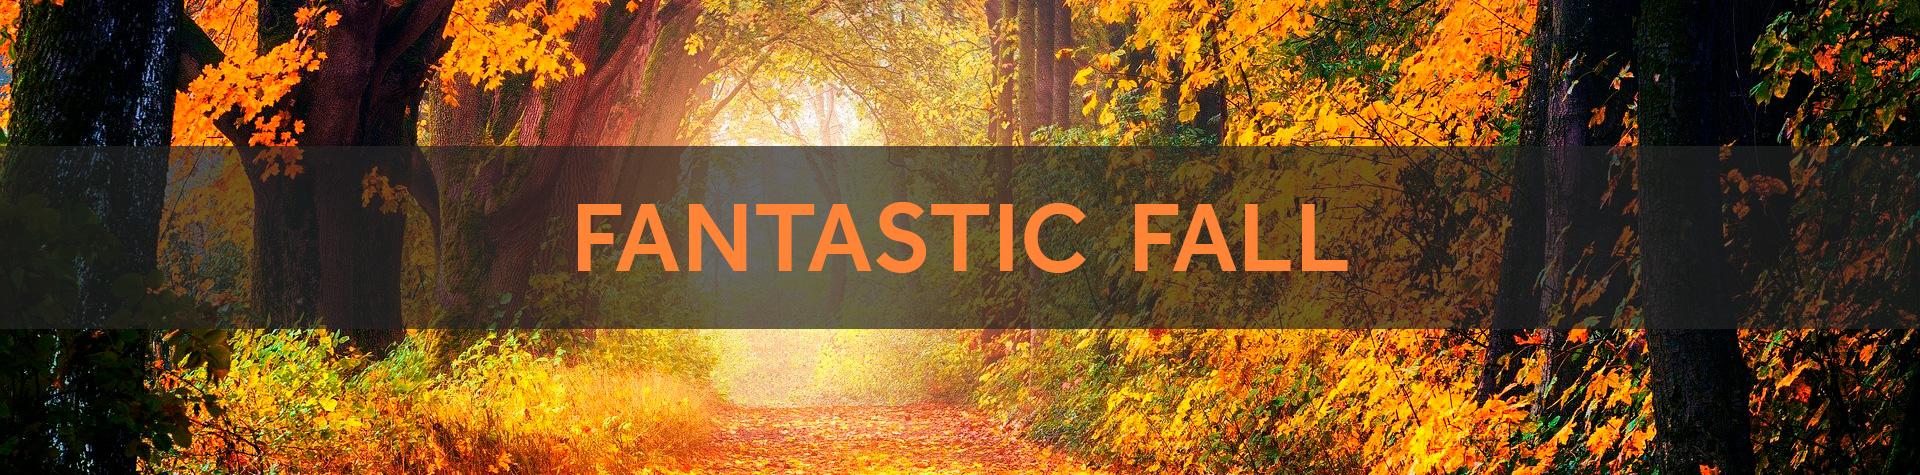 Fantastic Fall